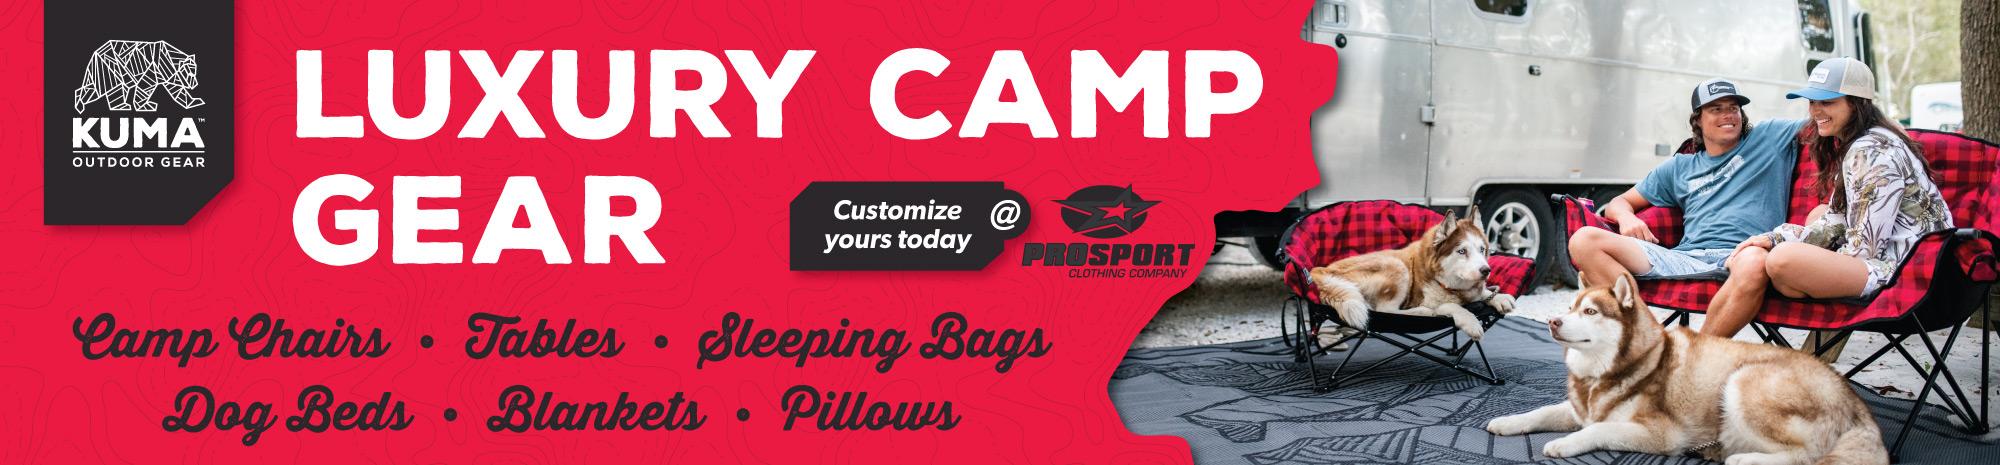 Kuma Luxury Camp Gear